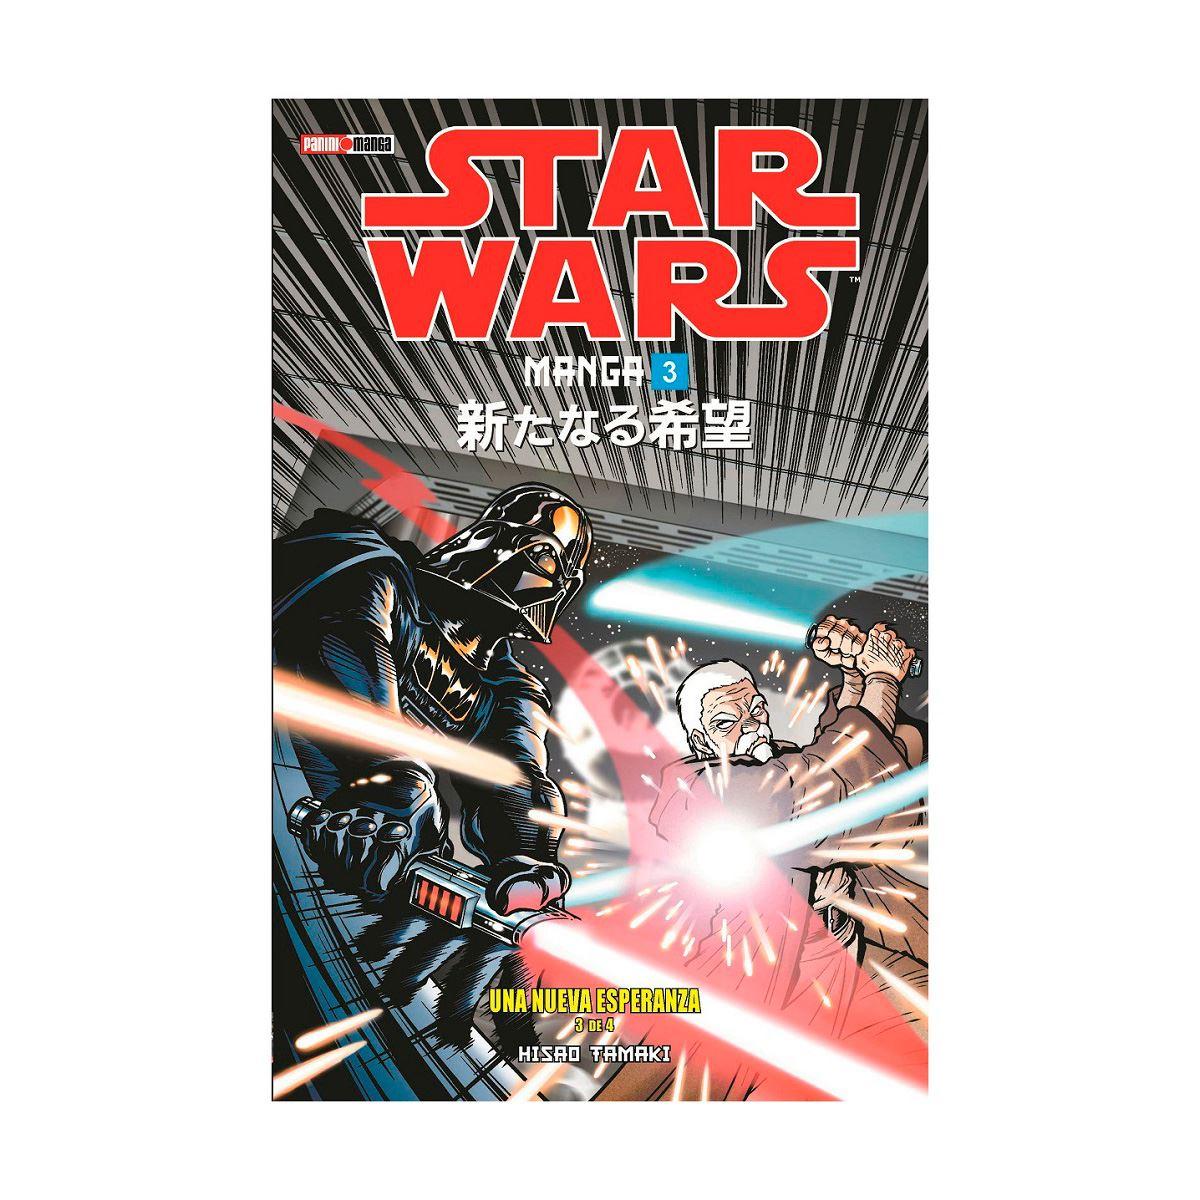 Star wars n.3: episodio iv una nueva esperanza 3 de 4 Libro - Sanborns